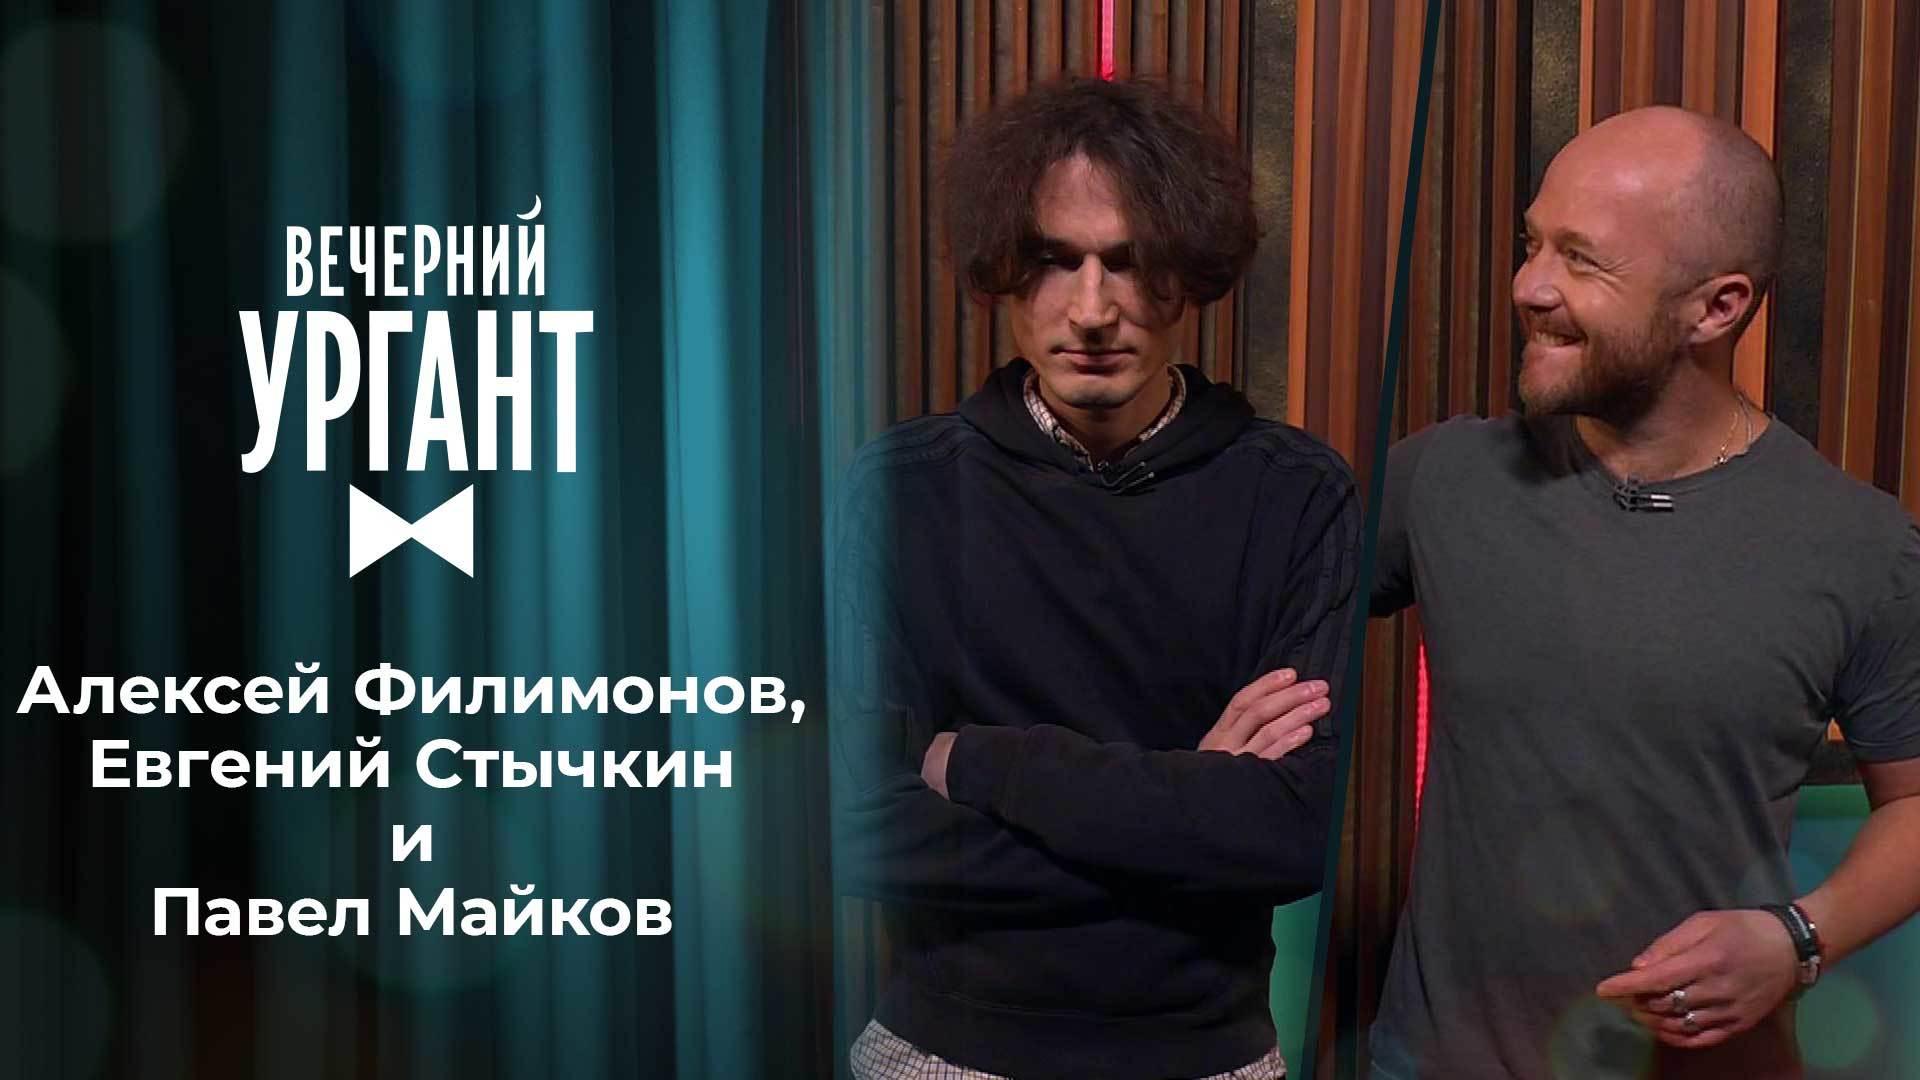 «Вечерний Ургант». Алексей Филимонов, Евгений Стычкин иПавел Майков